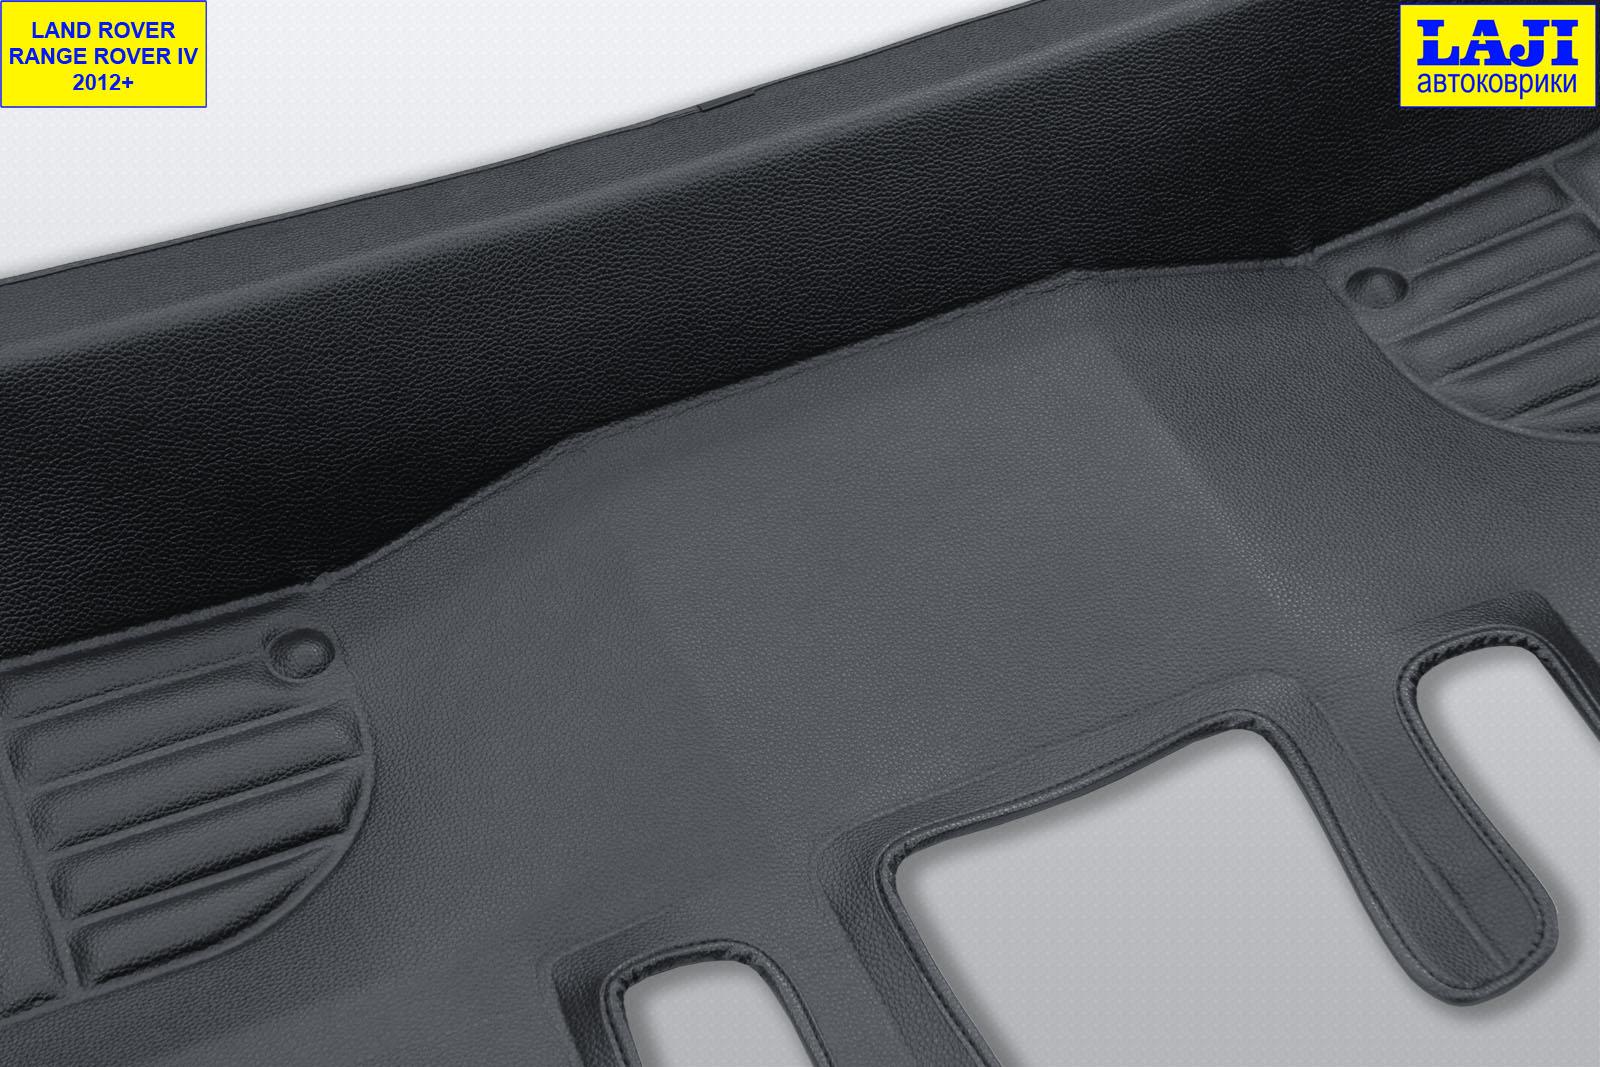 5D коврики в салон Range Rover 4 2012-н.в. 11